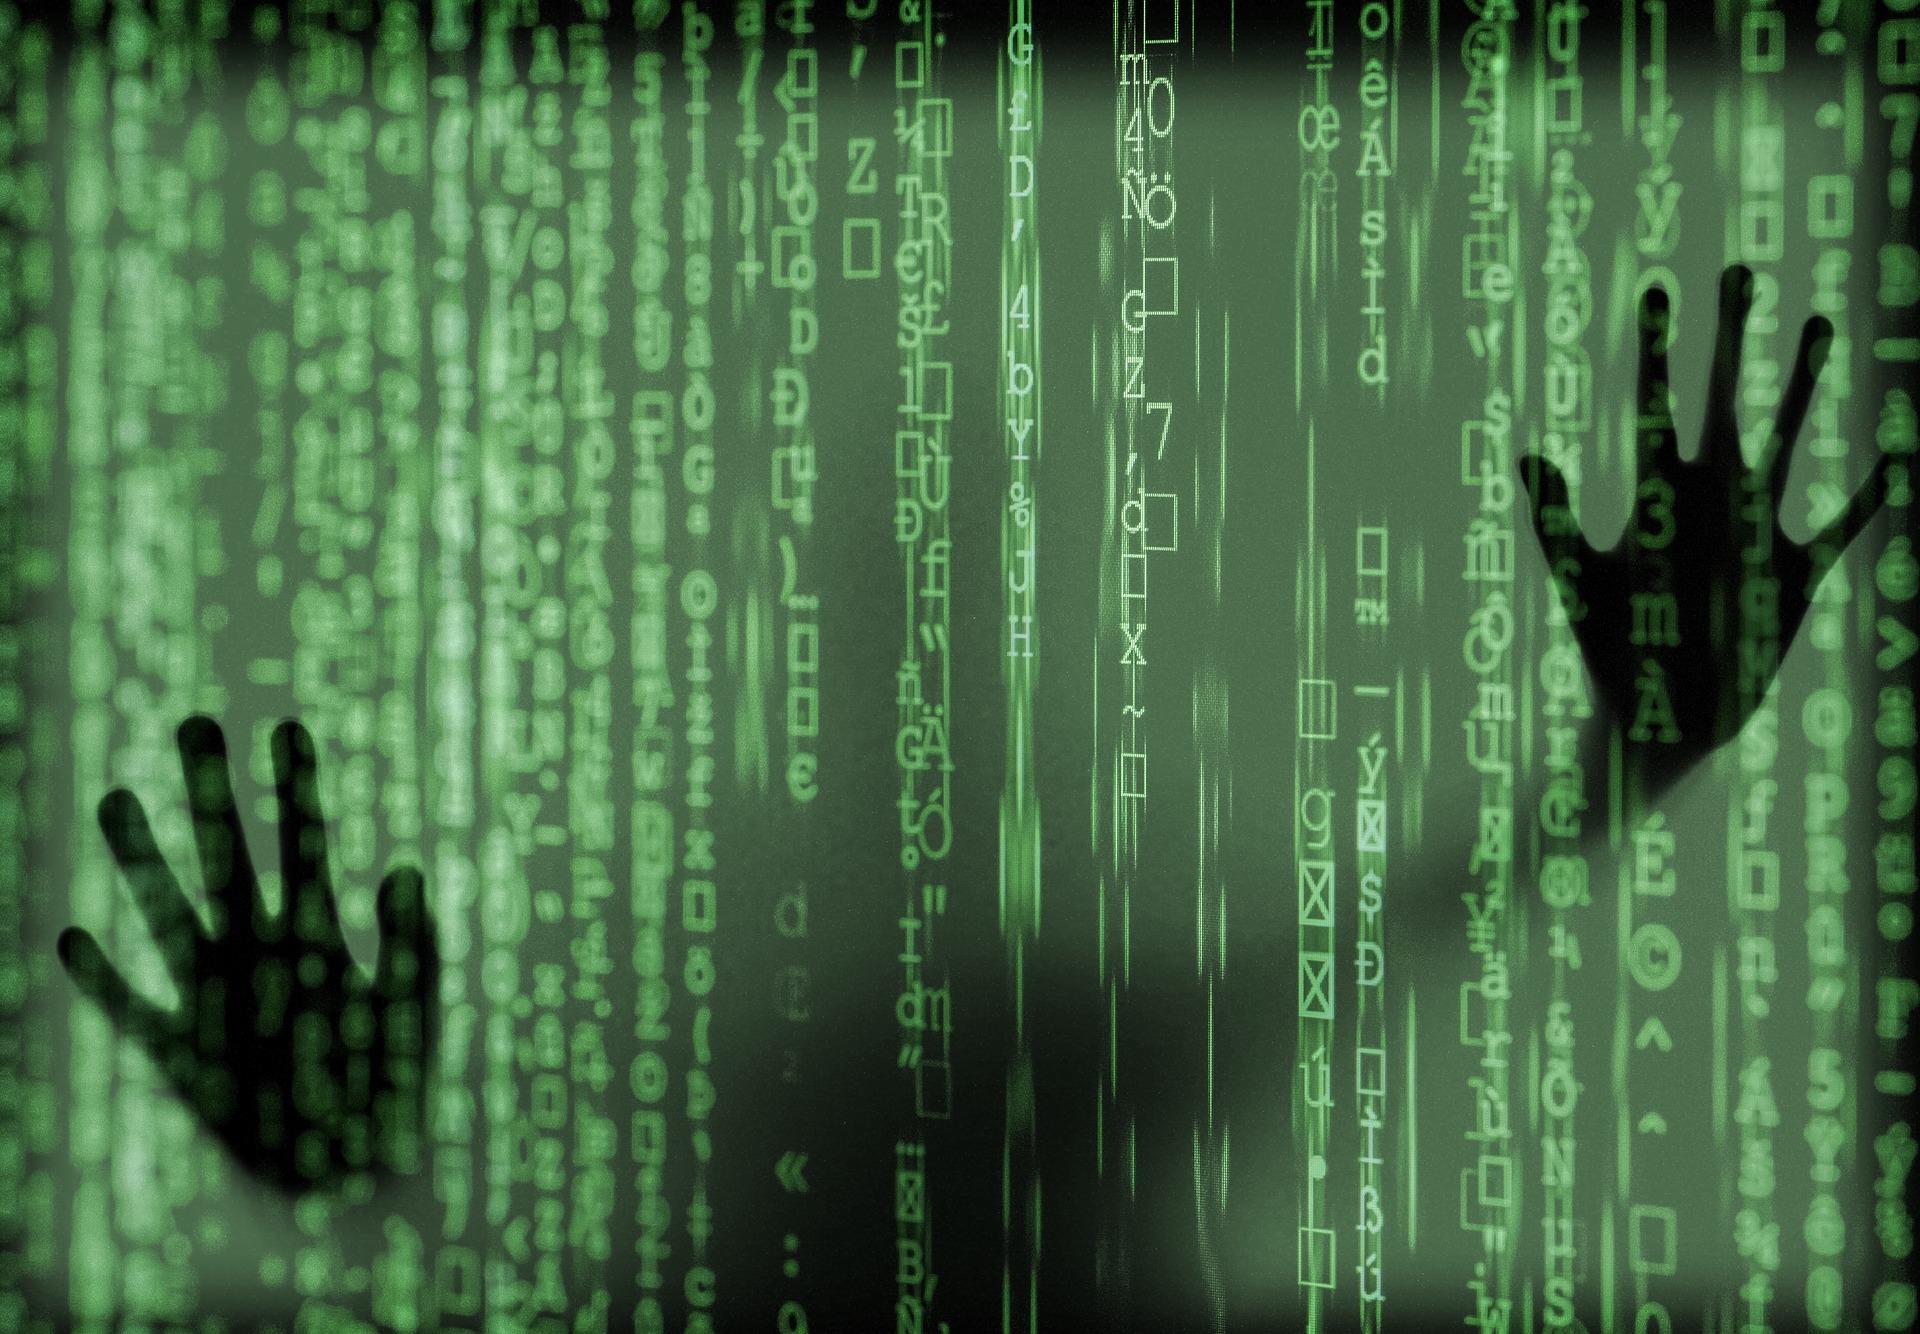 Extremadamente alarmante uso de softwares de vigilancia: ONU